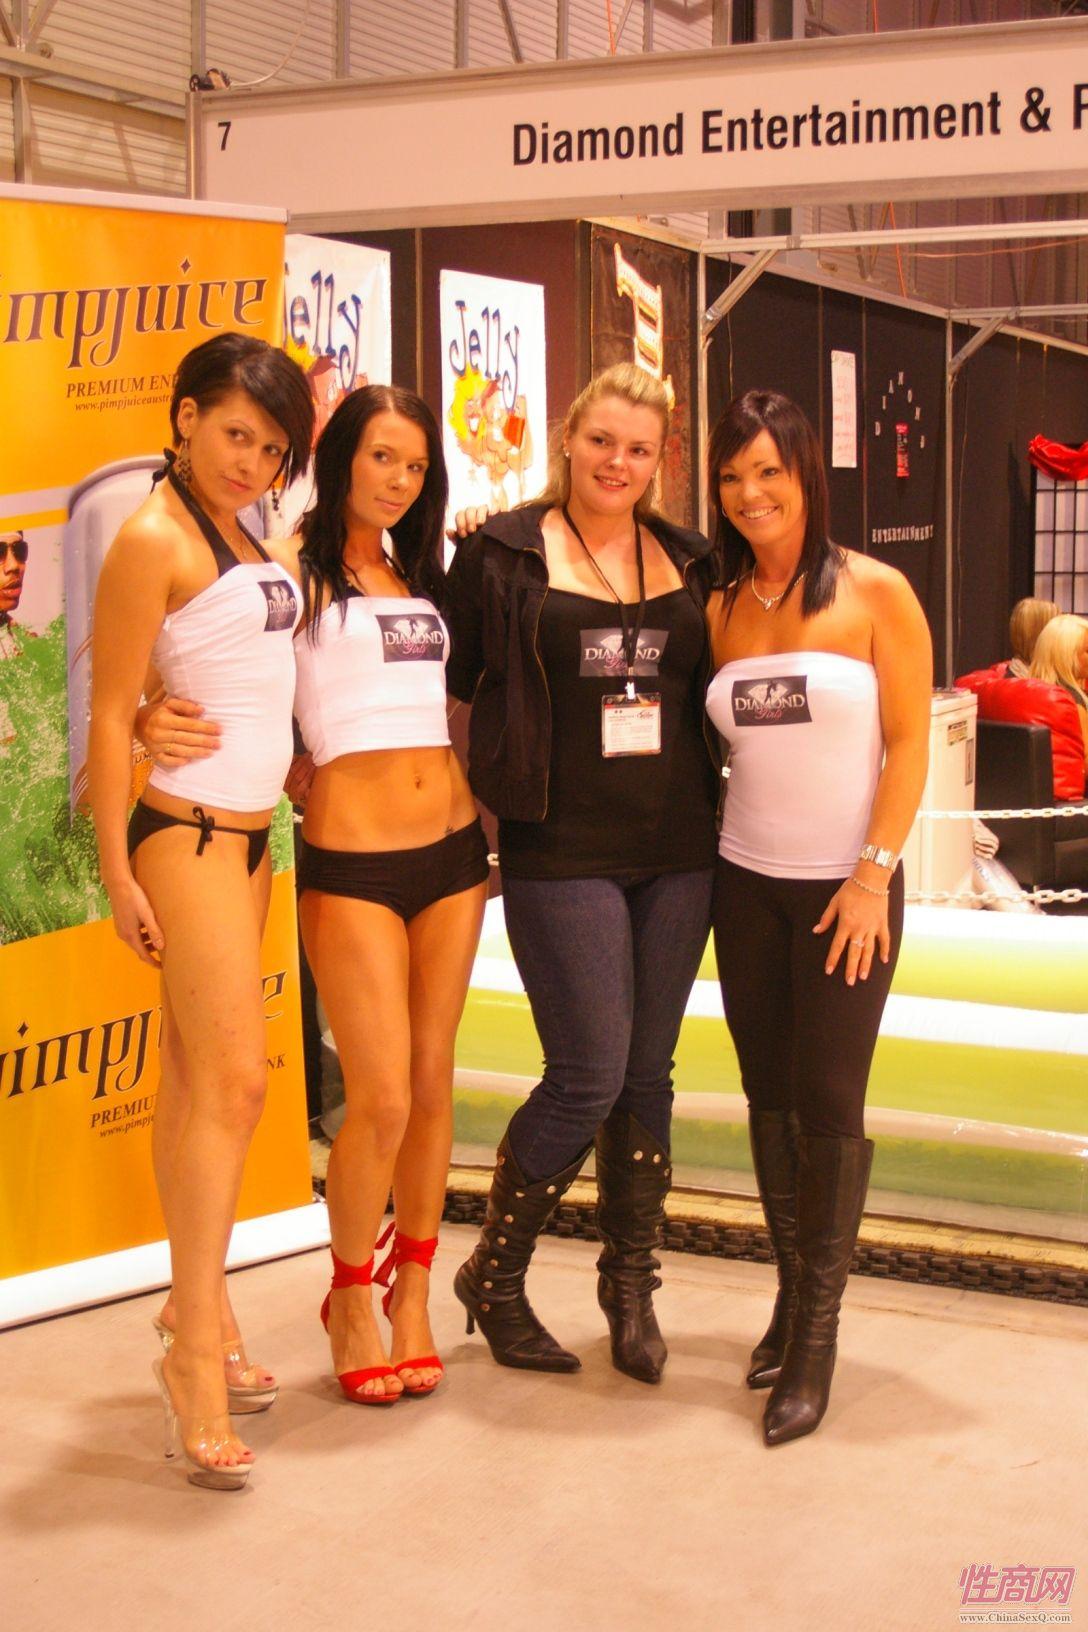 2008澳大利亚阿德莱德成人展sexpo参展企业图片2